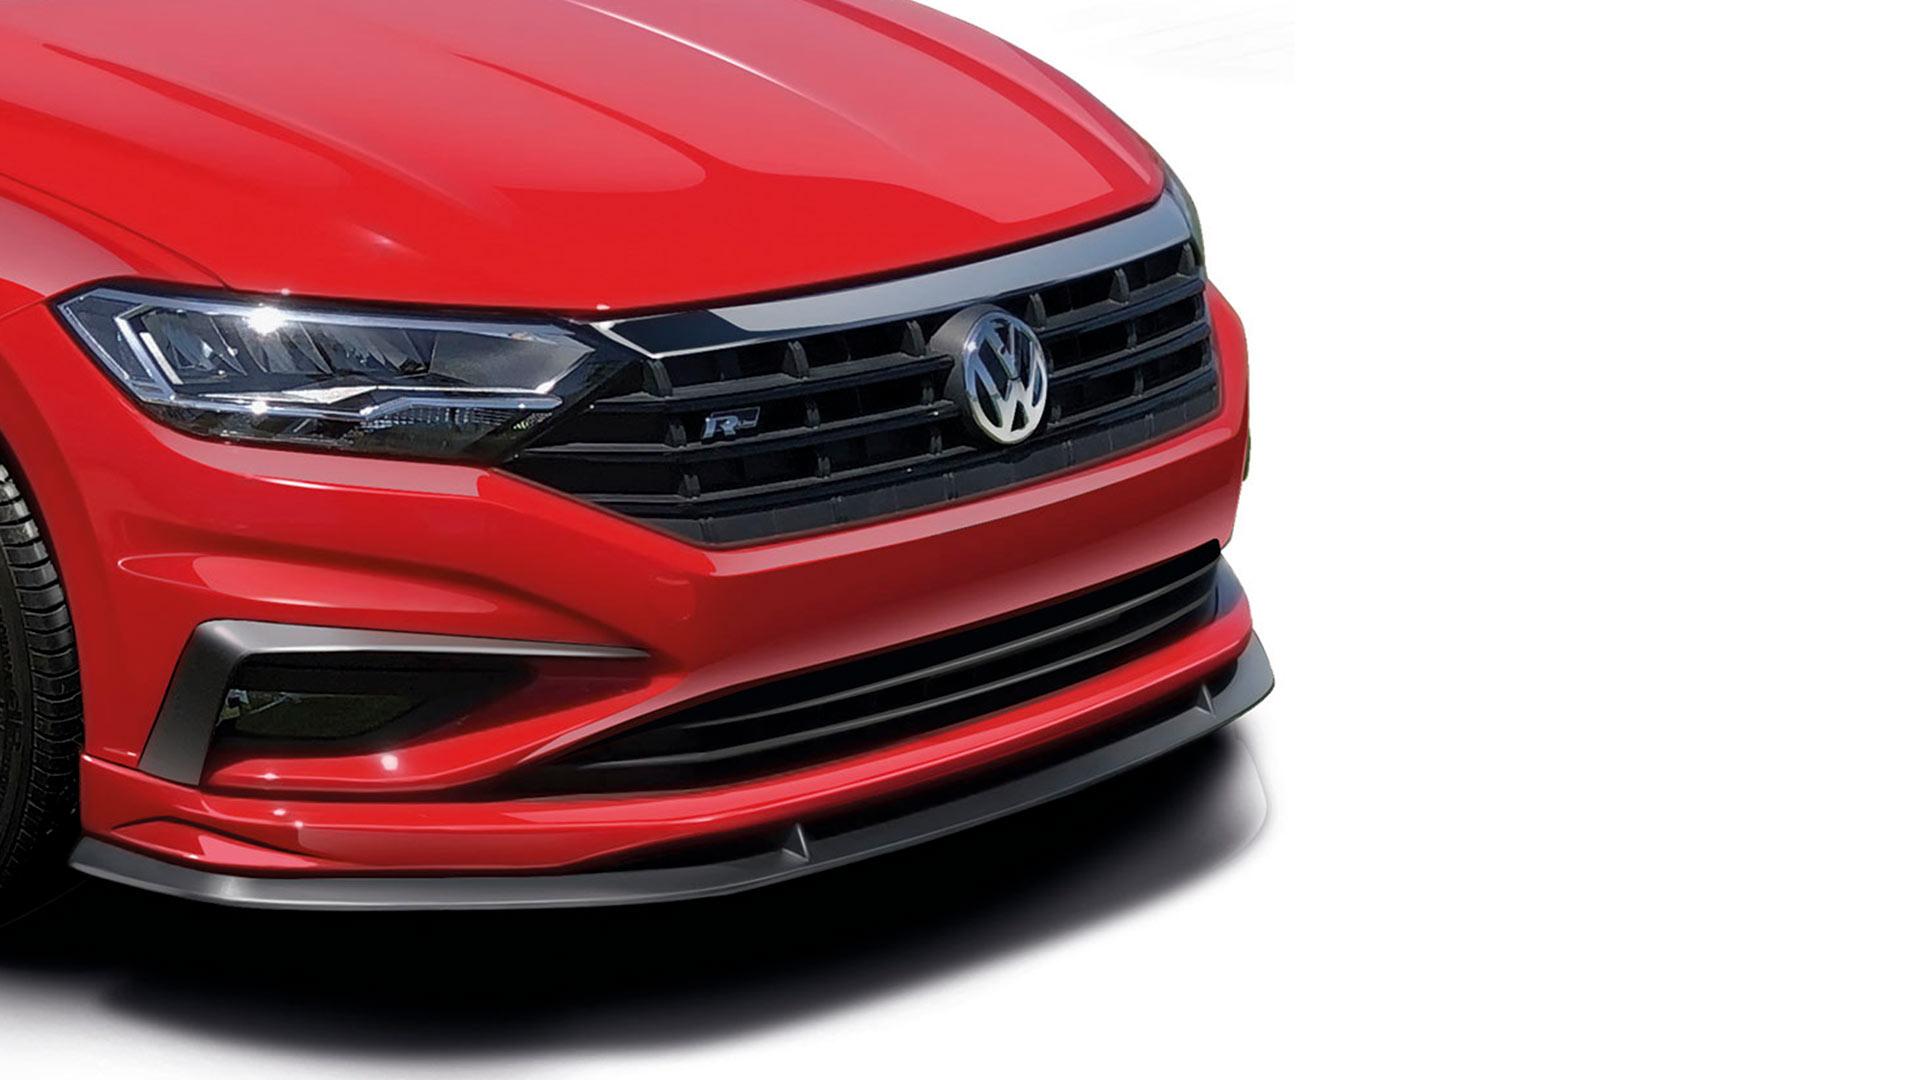 Spoiler delantero, accesorio nuevo y original para Volkswagen Jetta A7 seminuevo.